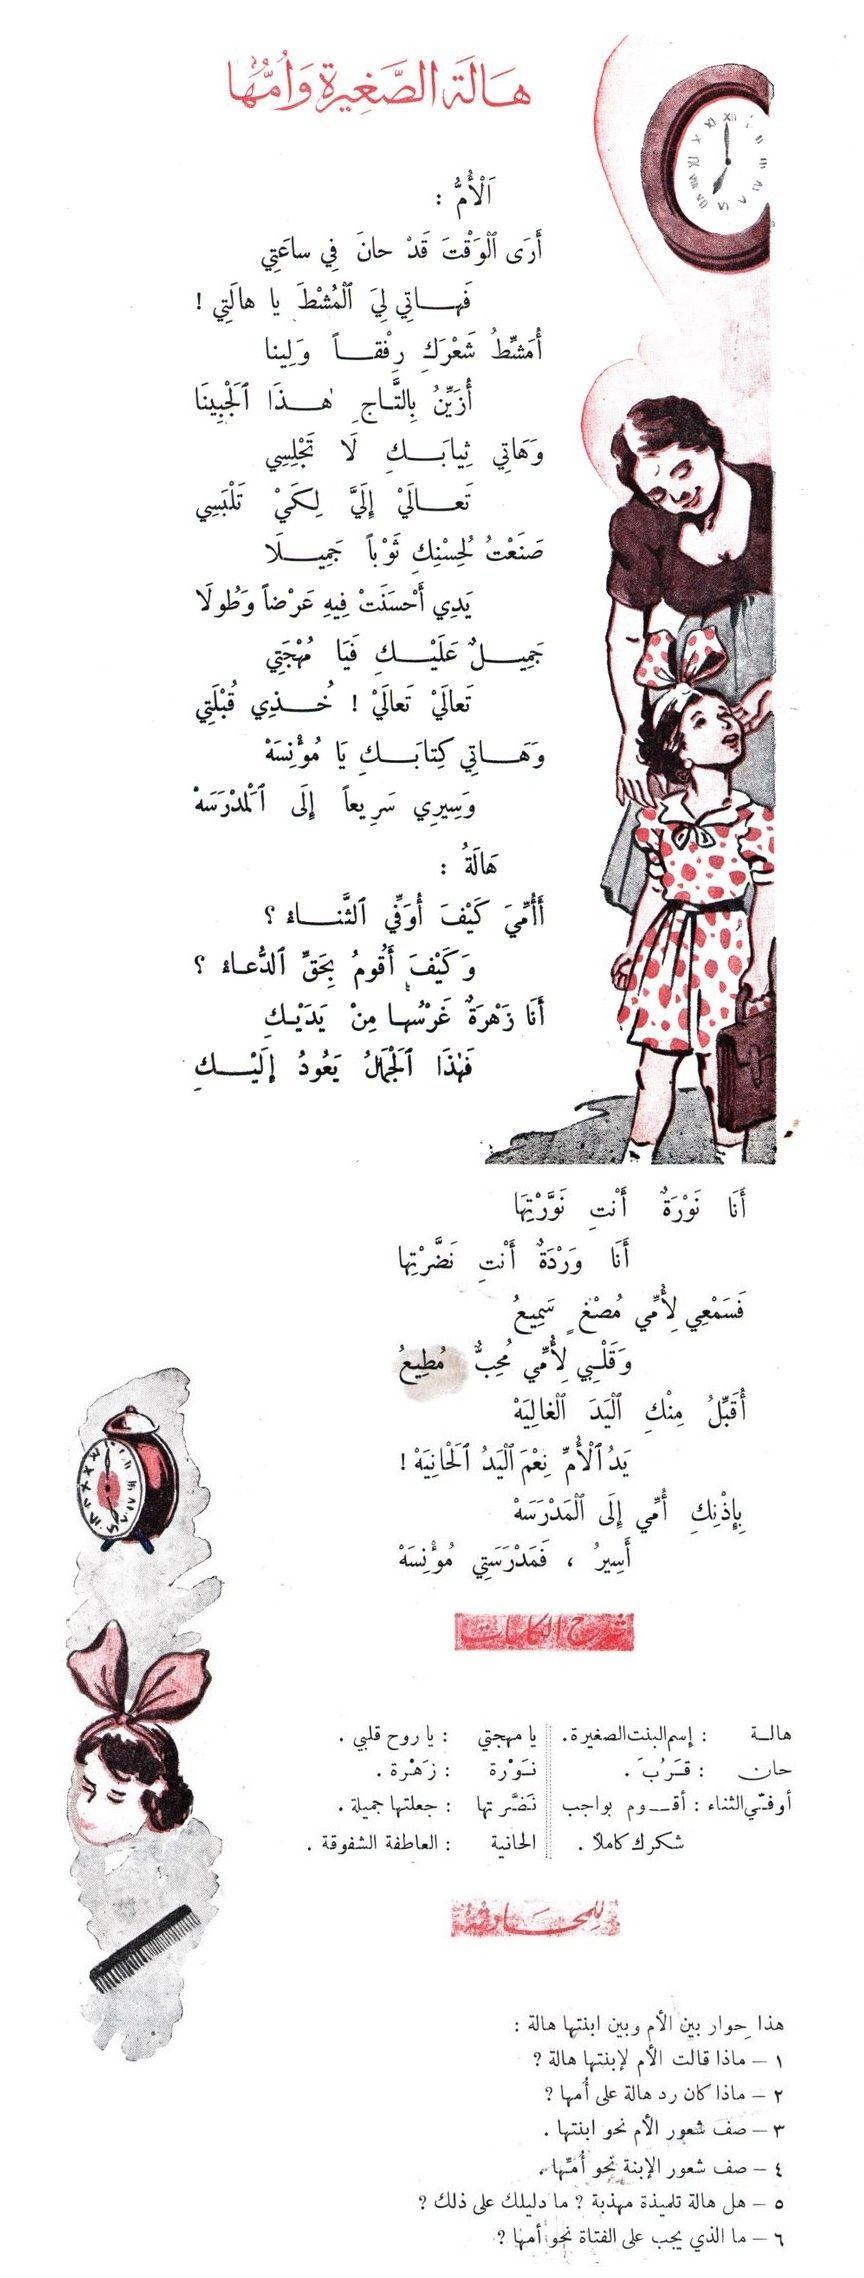 من المحفوظات المصورة شمعة تواكب الأجيال و لا تخبو Learning Arabic Arabic Worksheets School Books